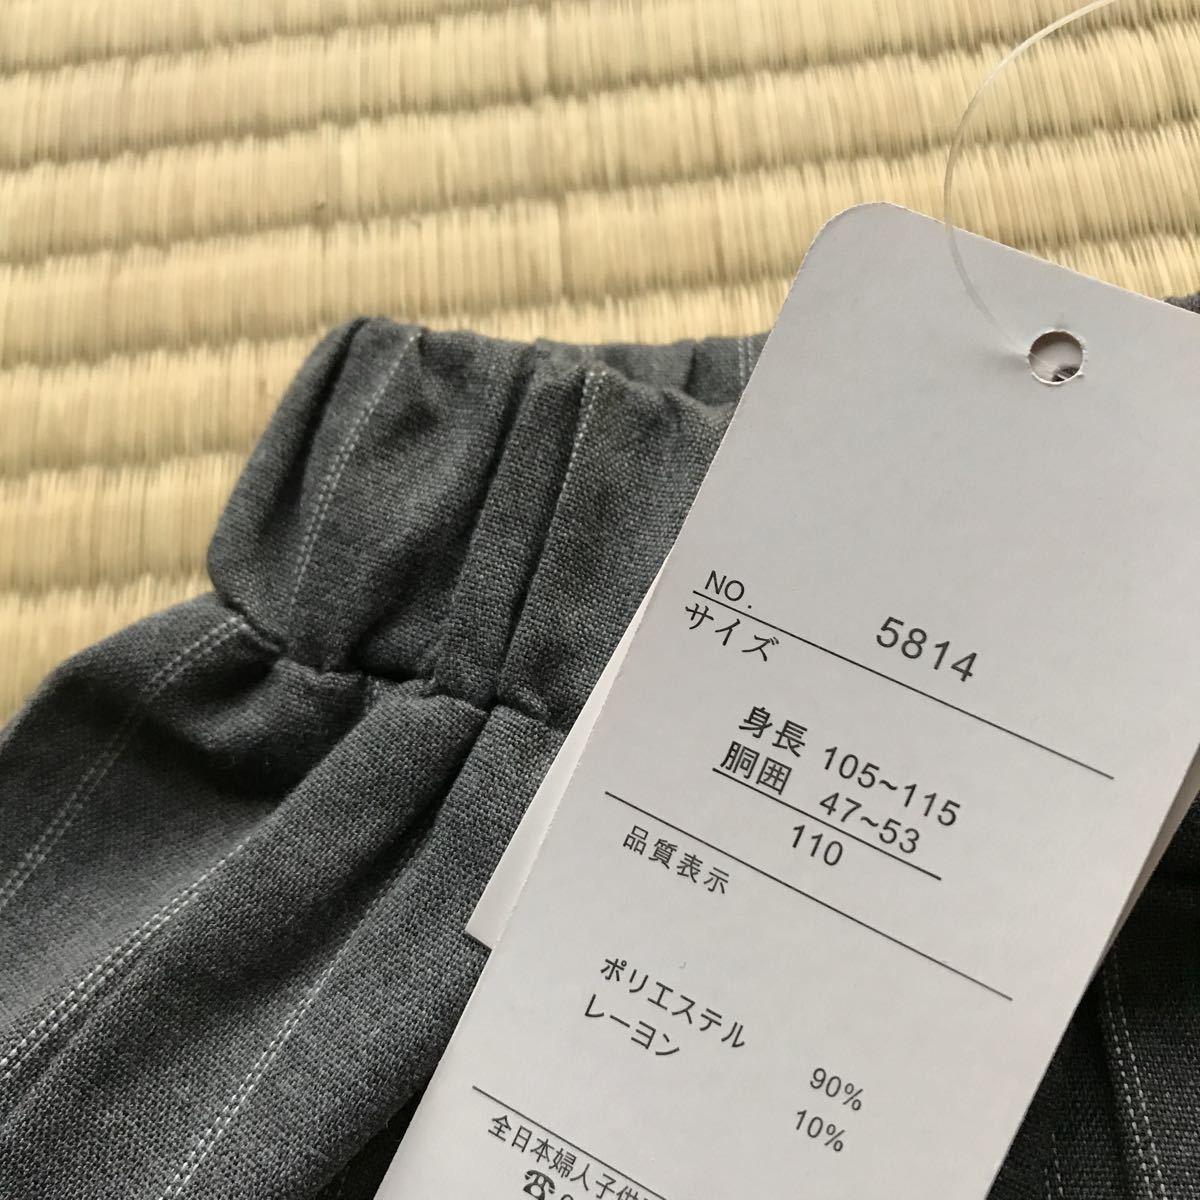 新品 110サイズ 美品 未使用品 ズボン パンツ ズボン ボトムス 短パン グレー 半ズボン ショートパンツ_画像3